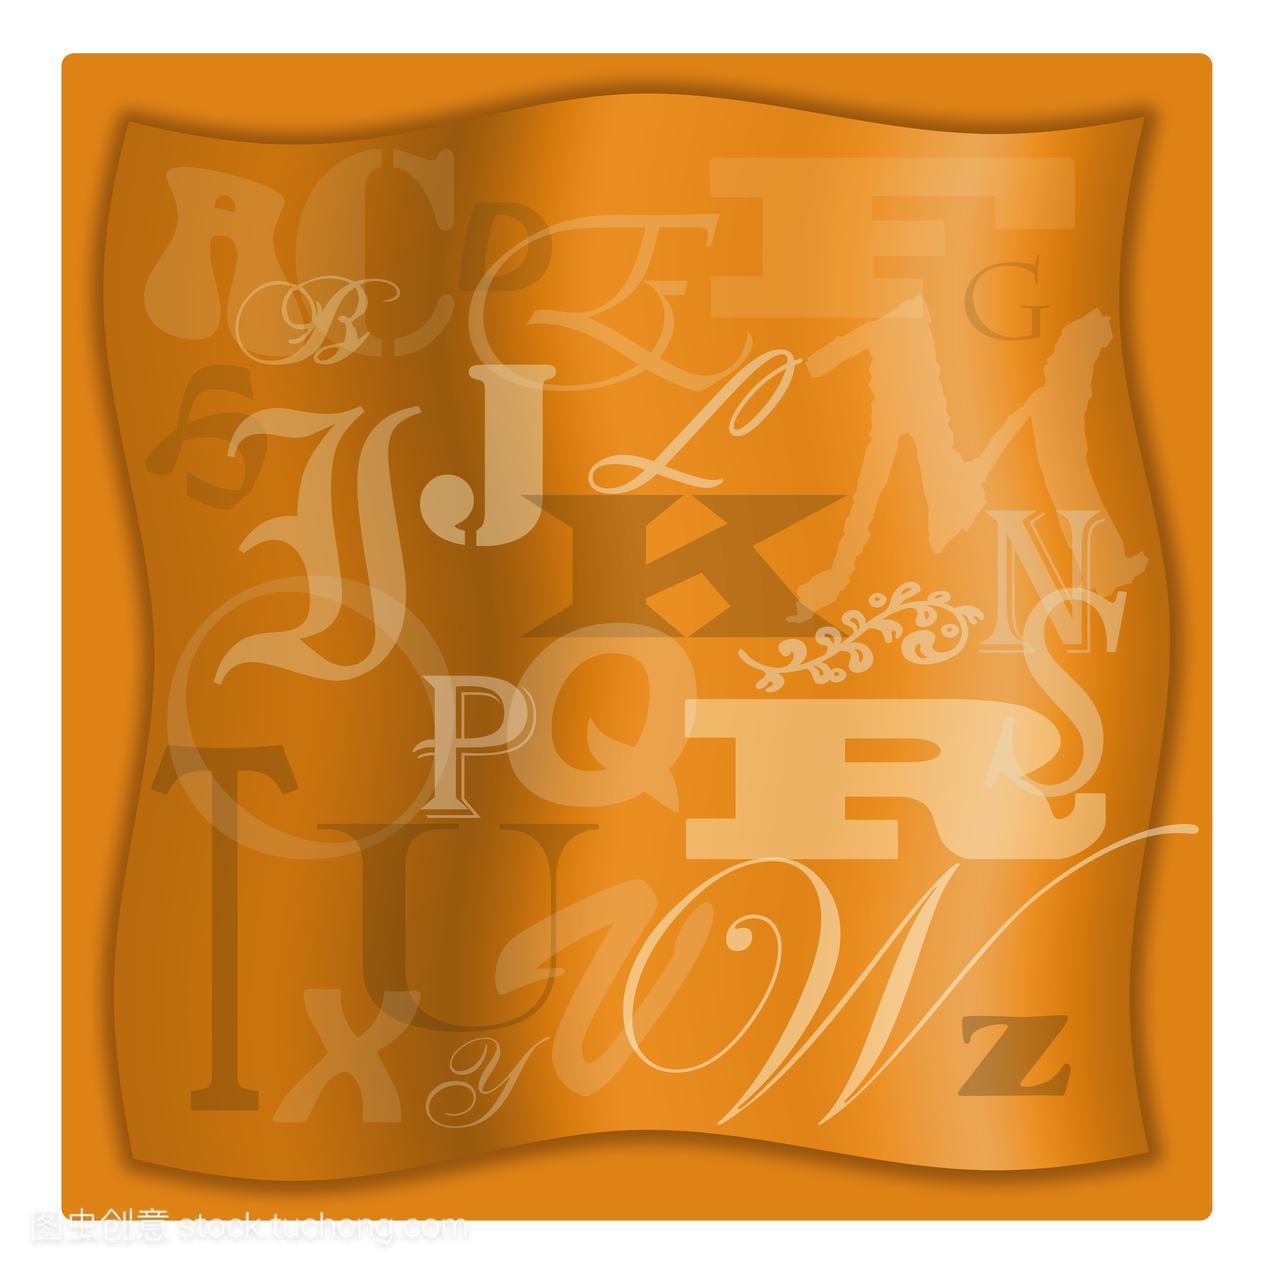 质感,形状,系统,弯,形式,弯曲,形成,交叉,字母,桔图纸教育图纸带式分拣手工图片